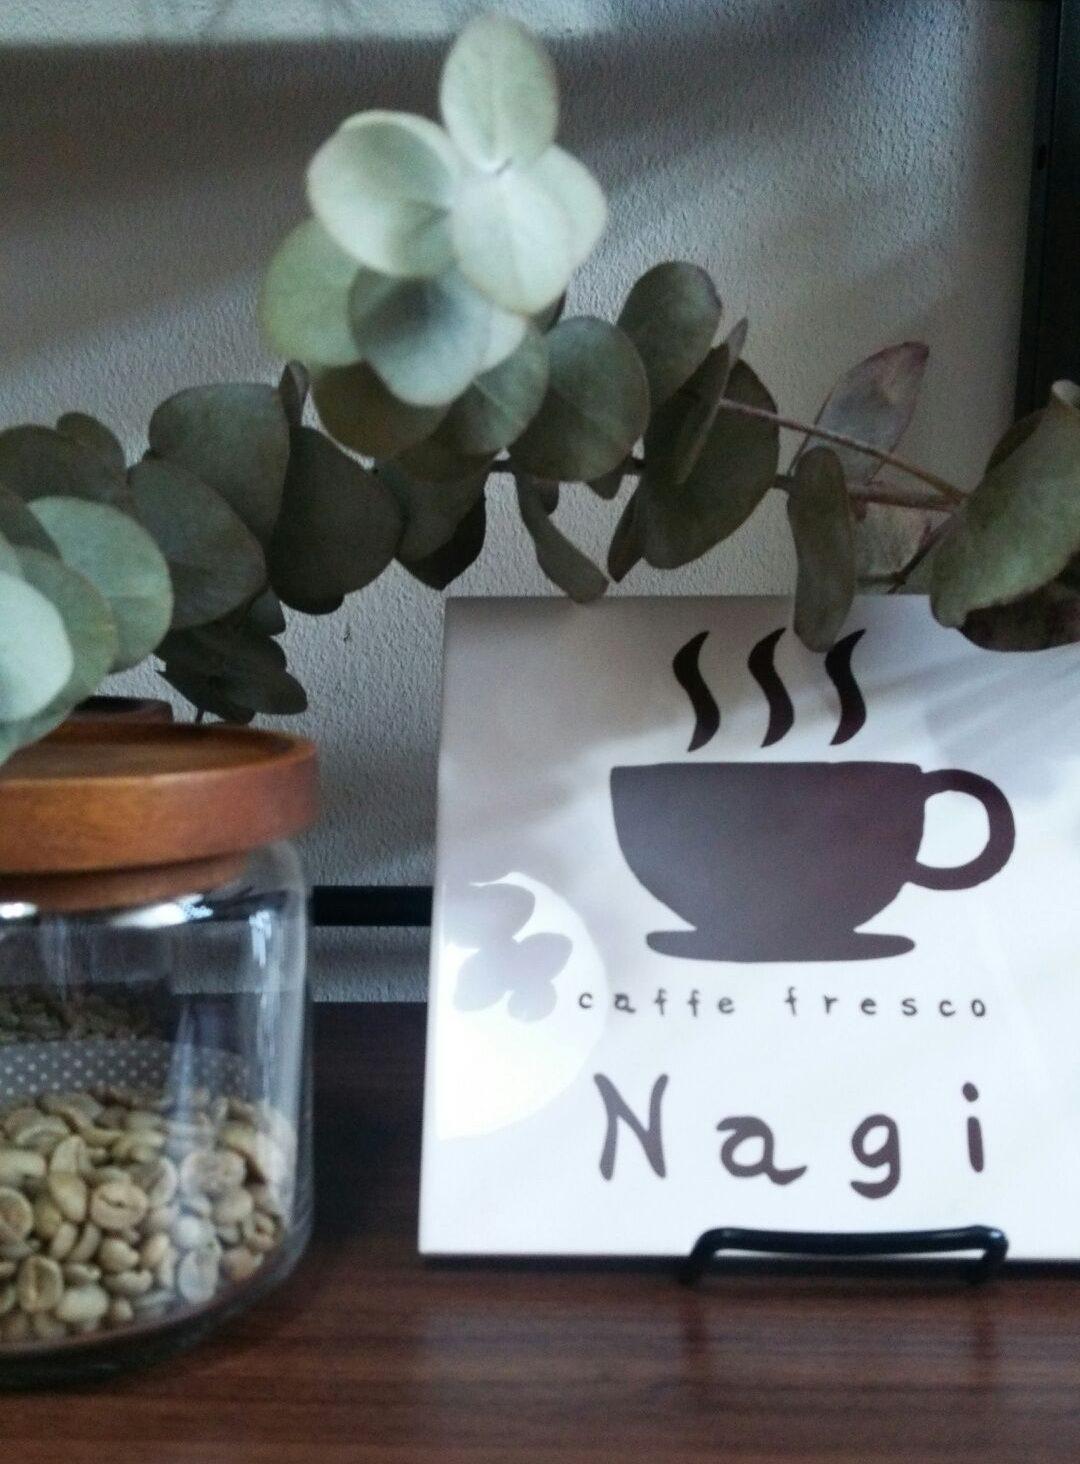 3月★本物のコーヒーを知る!…いたて名人の『2時間手焙煎体験コース』募集中!